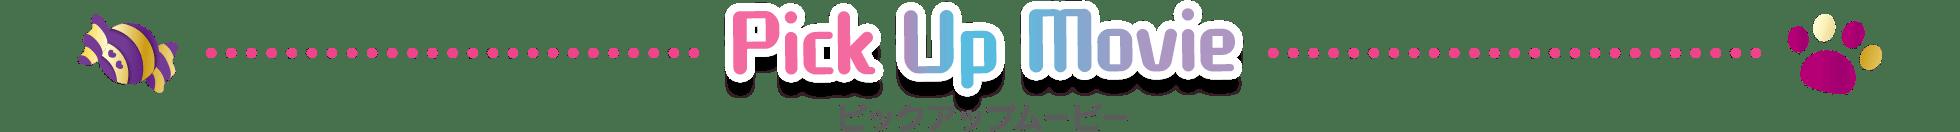 PickUpMovie